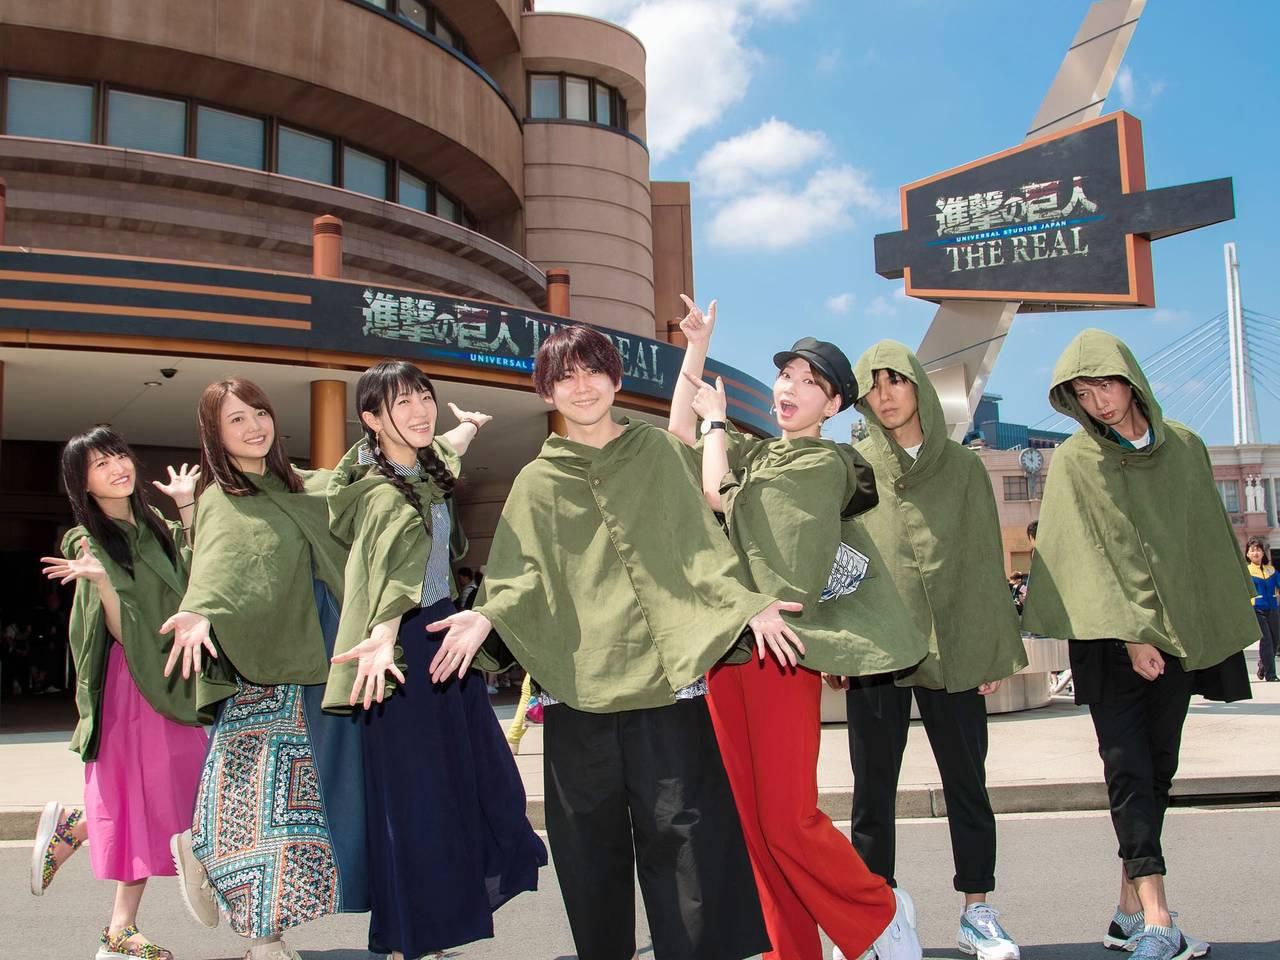 梶裕貴、神谷浩史らがUSJに集結! 『進撃の巨人』アトラクションやレストランを堪能♪